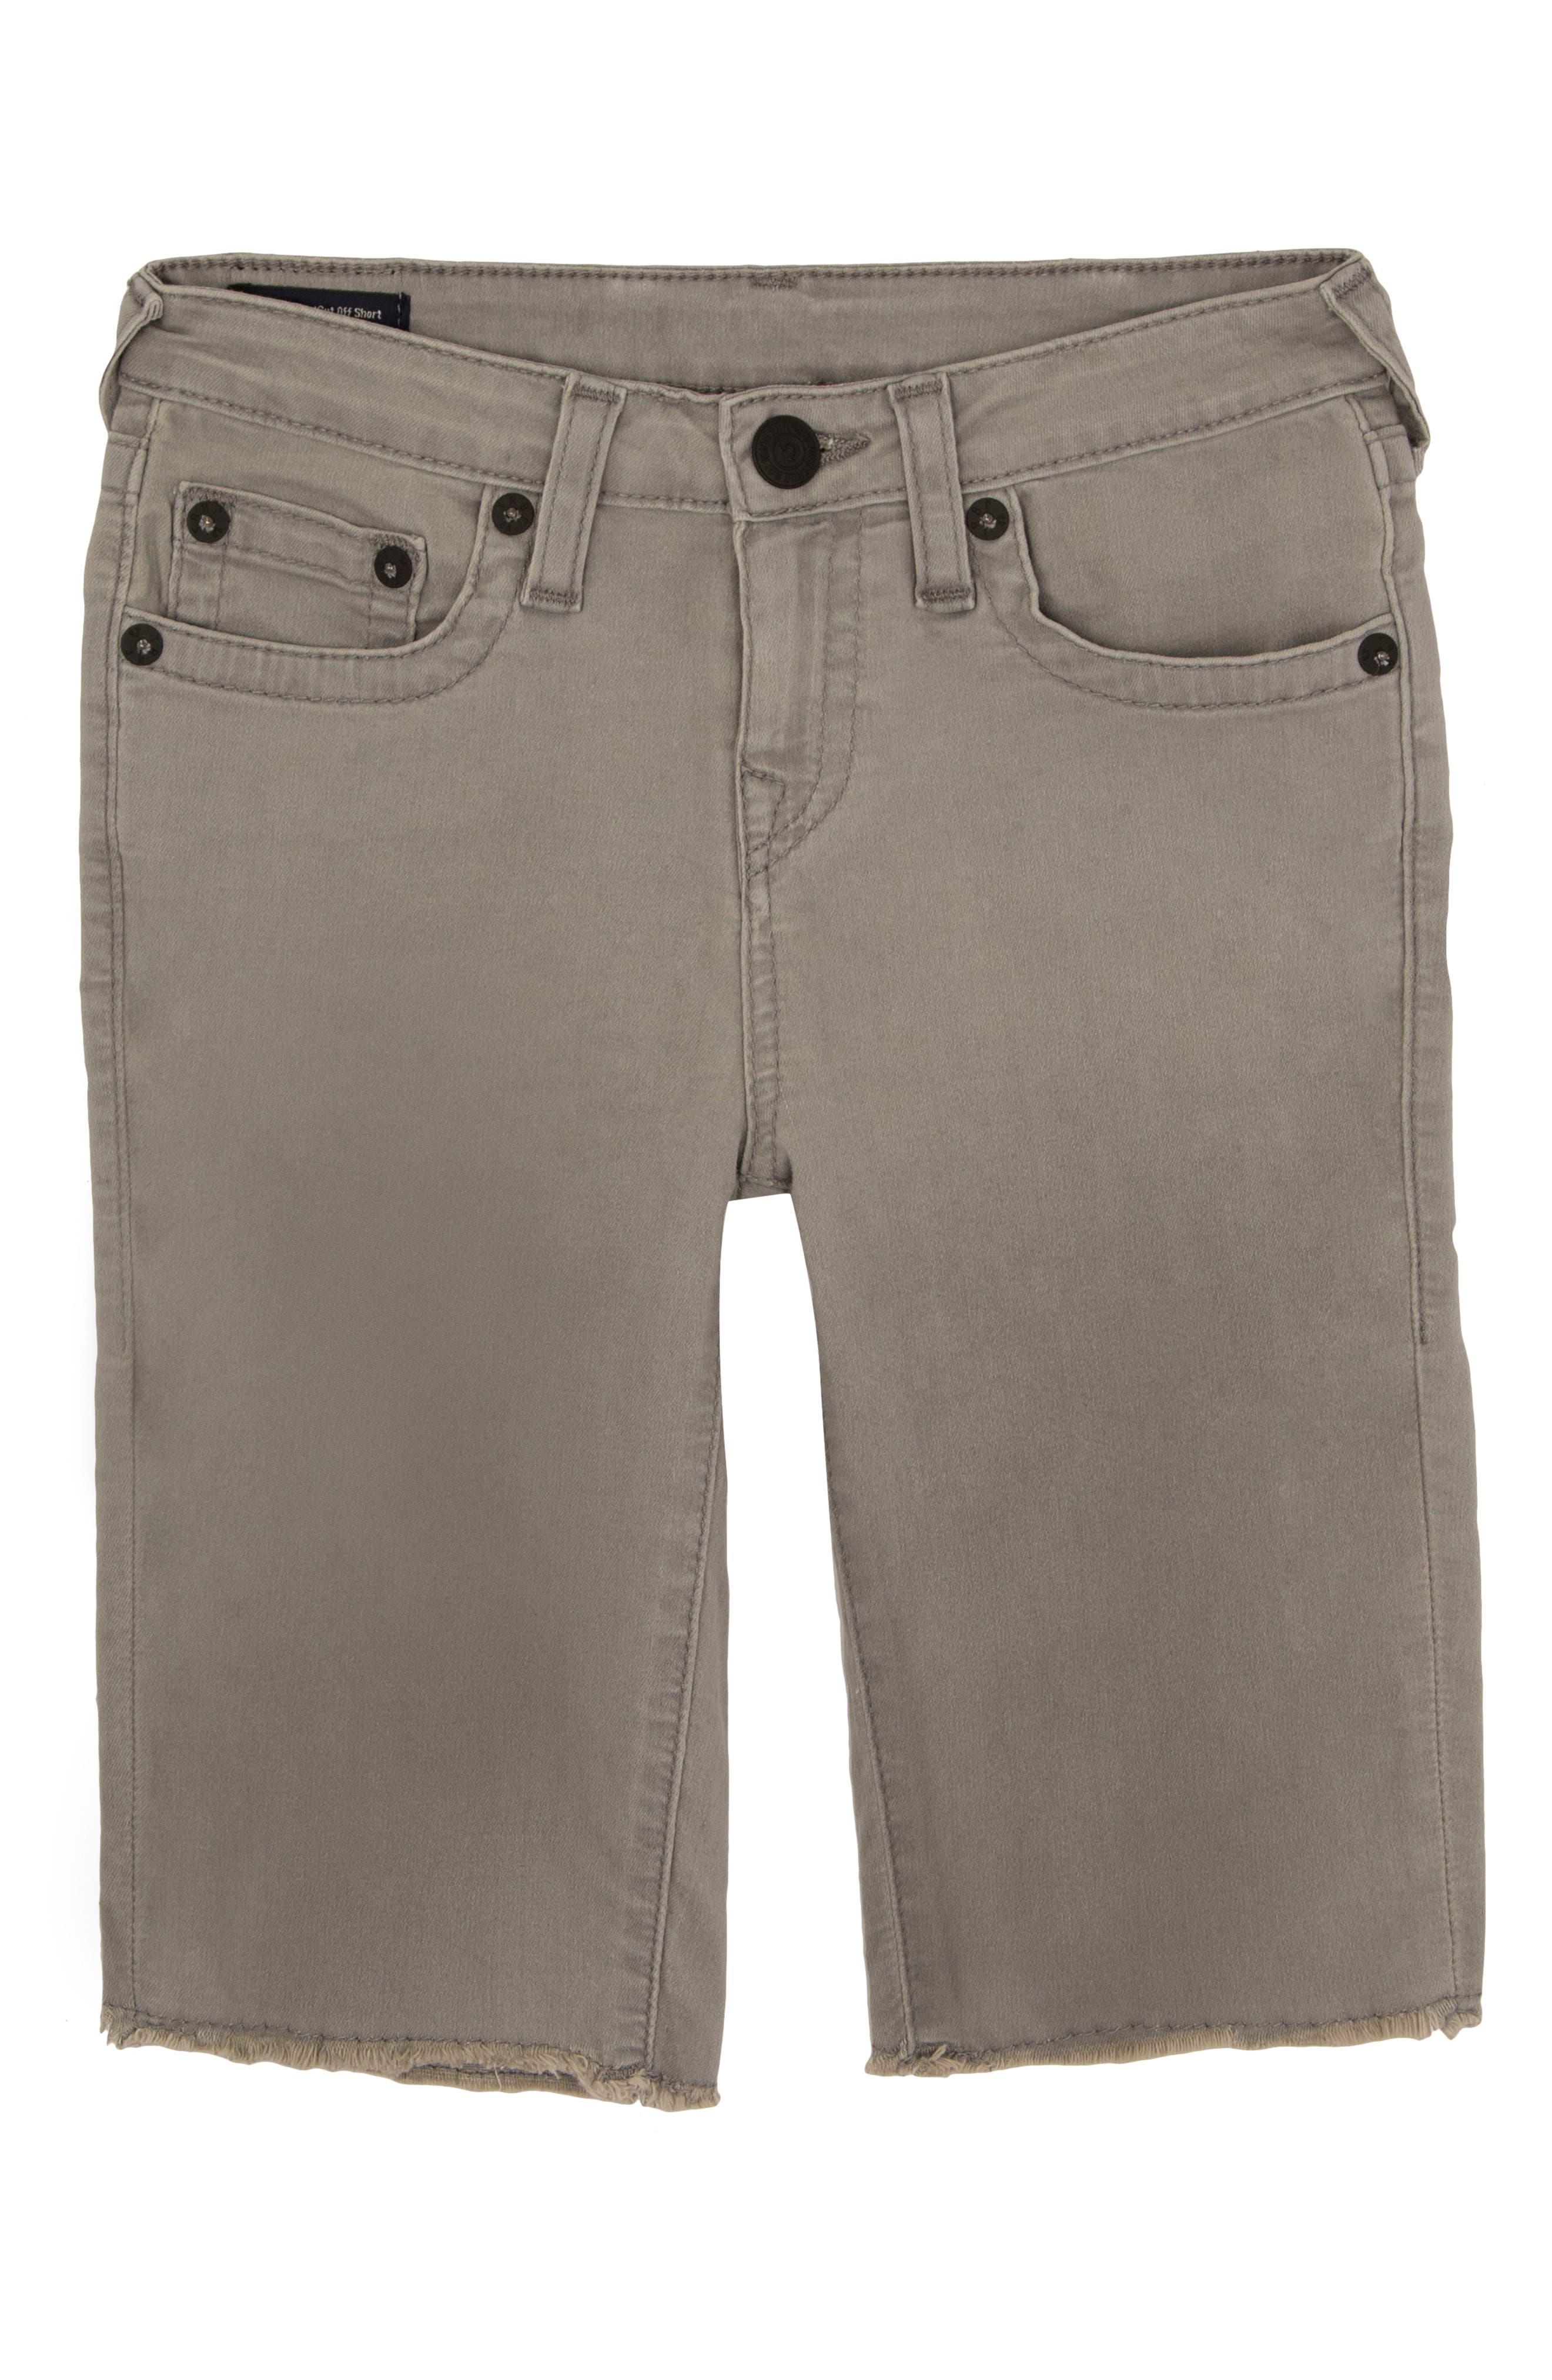 Geno Shorts,                             Main thumbnail 1, color,                             099